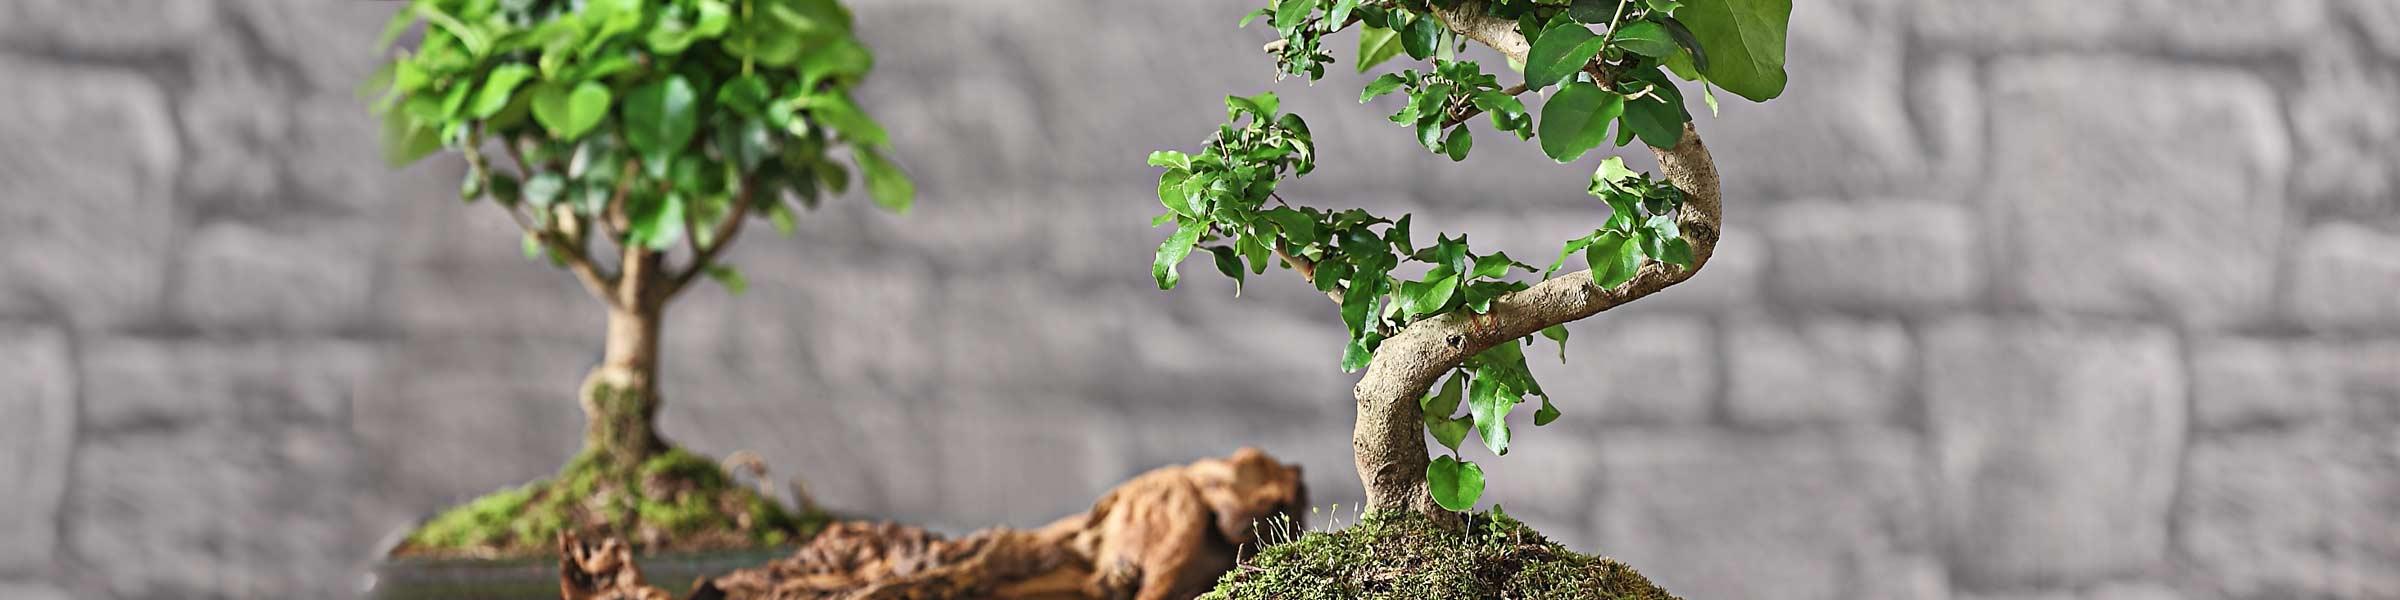 Bonsai pflanzen f r ihre wohnung dehner for Bonsai pflanzen